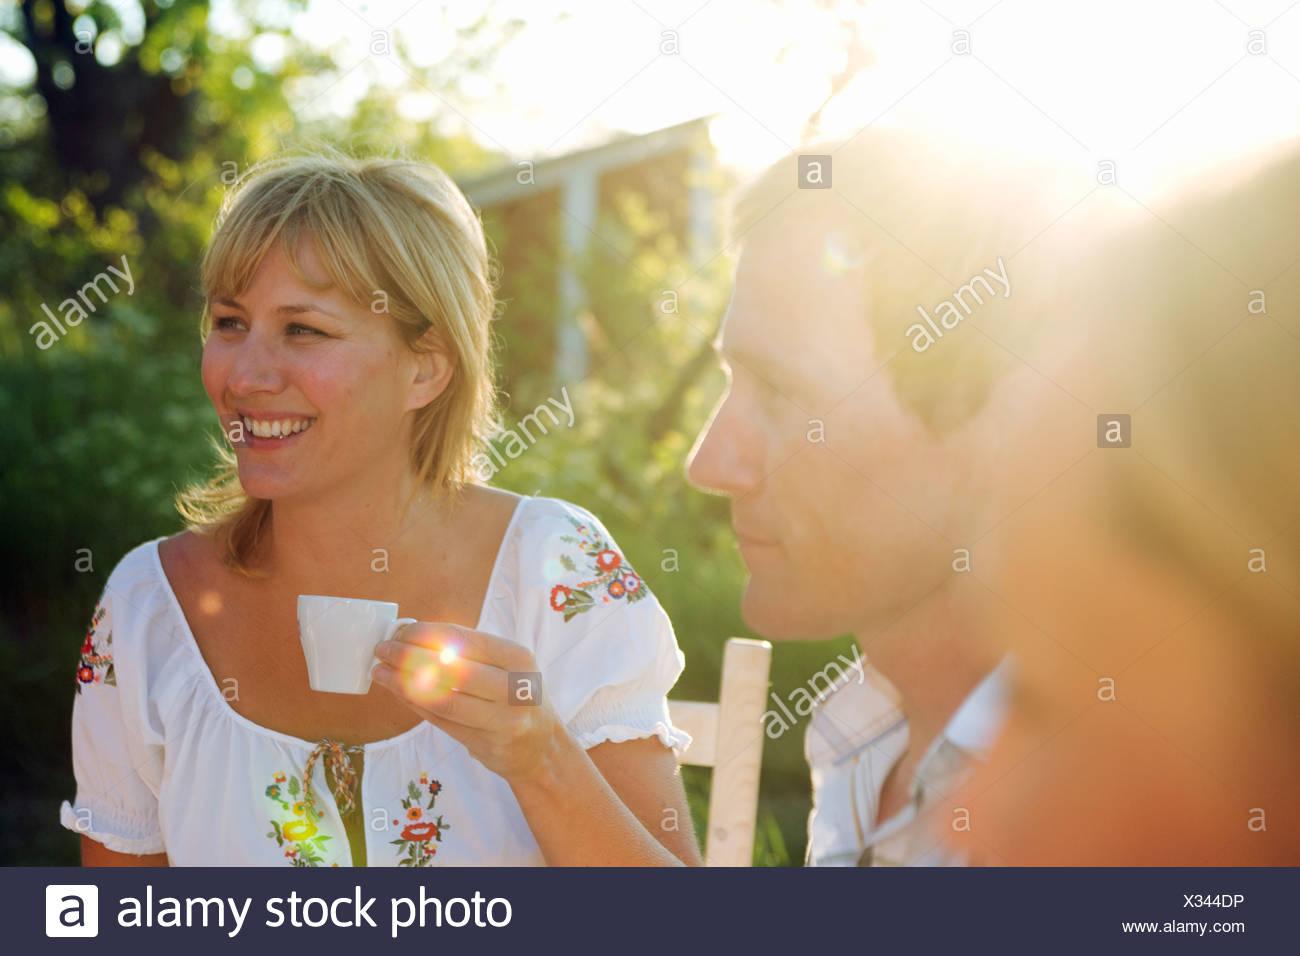 Eine Frau hält eine Tasse Kaffee, Fejan, Stockholmer Schären, Schweden. Stockfoto